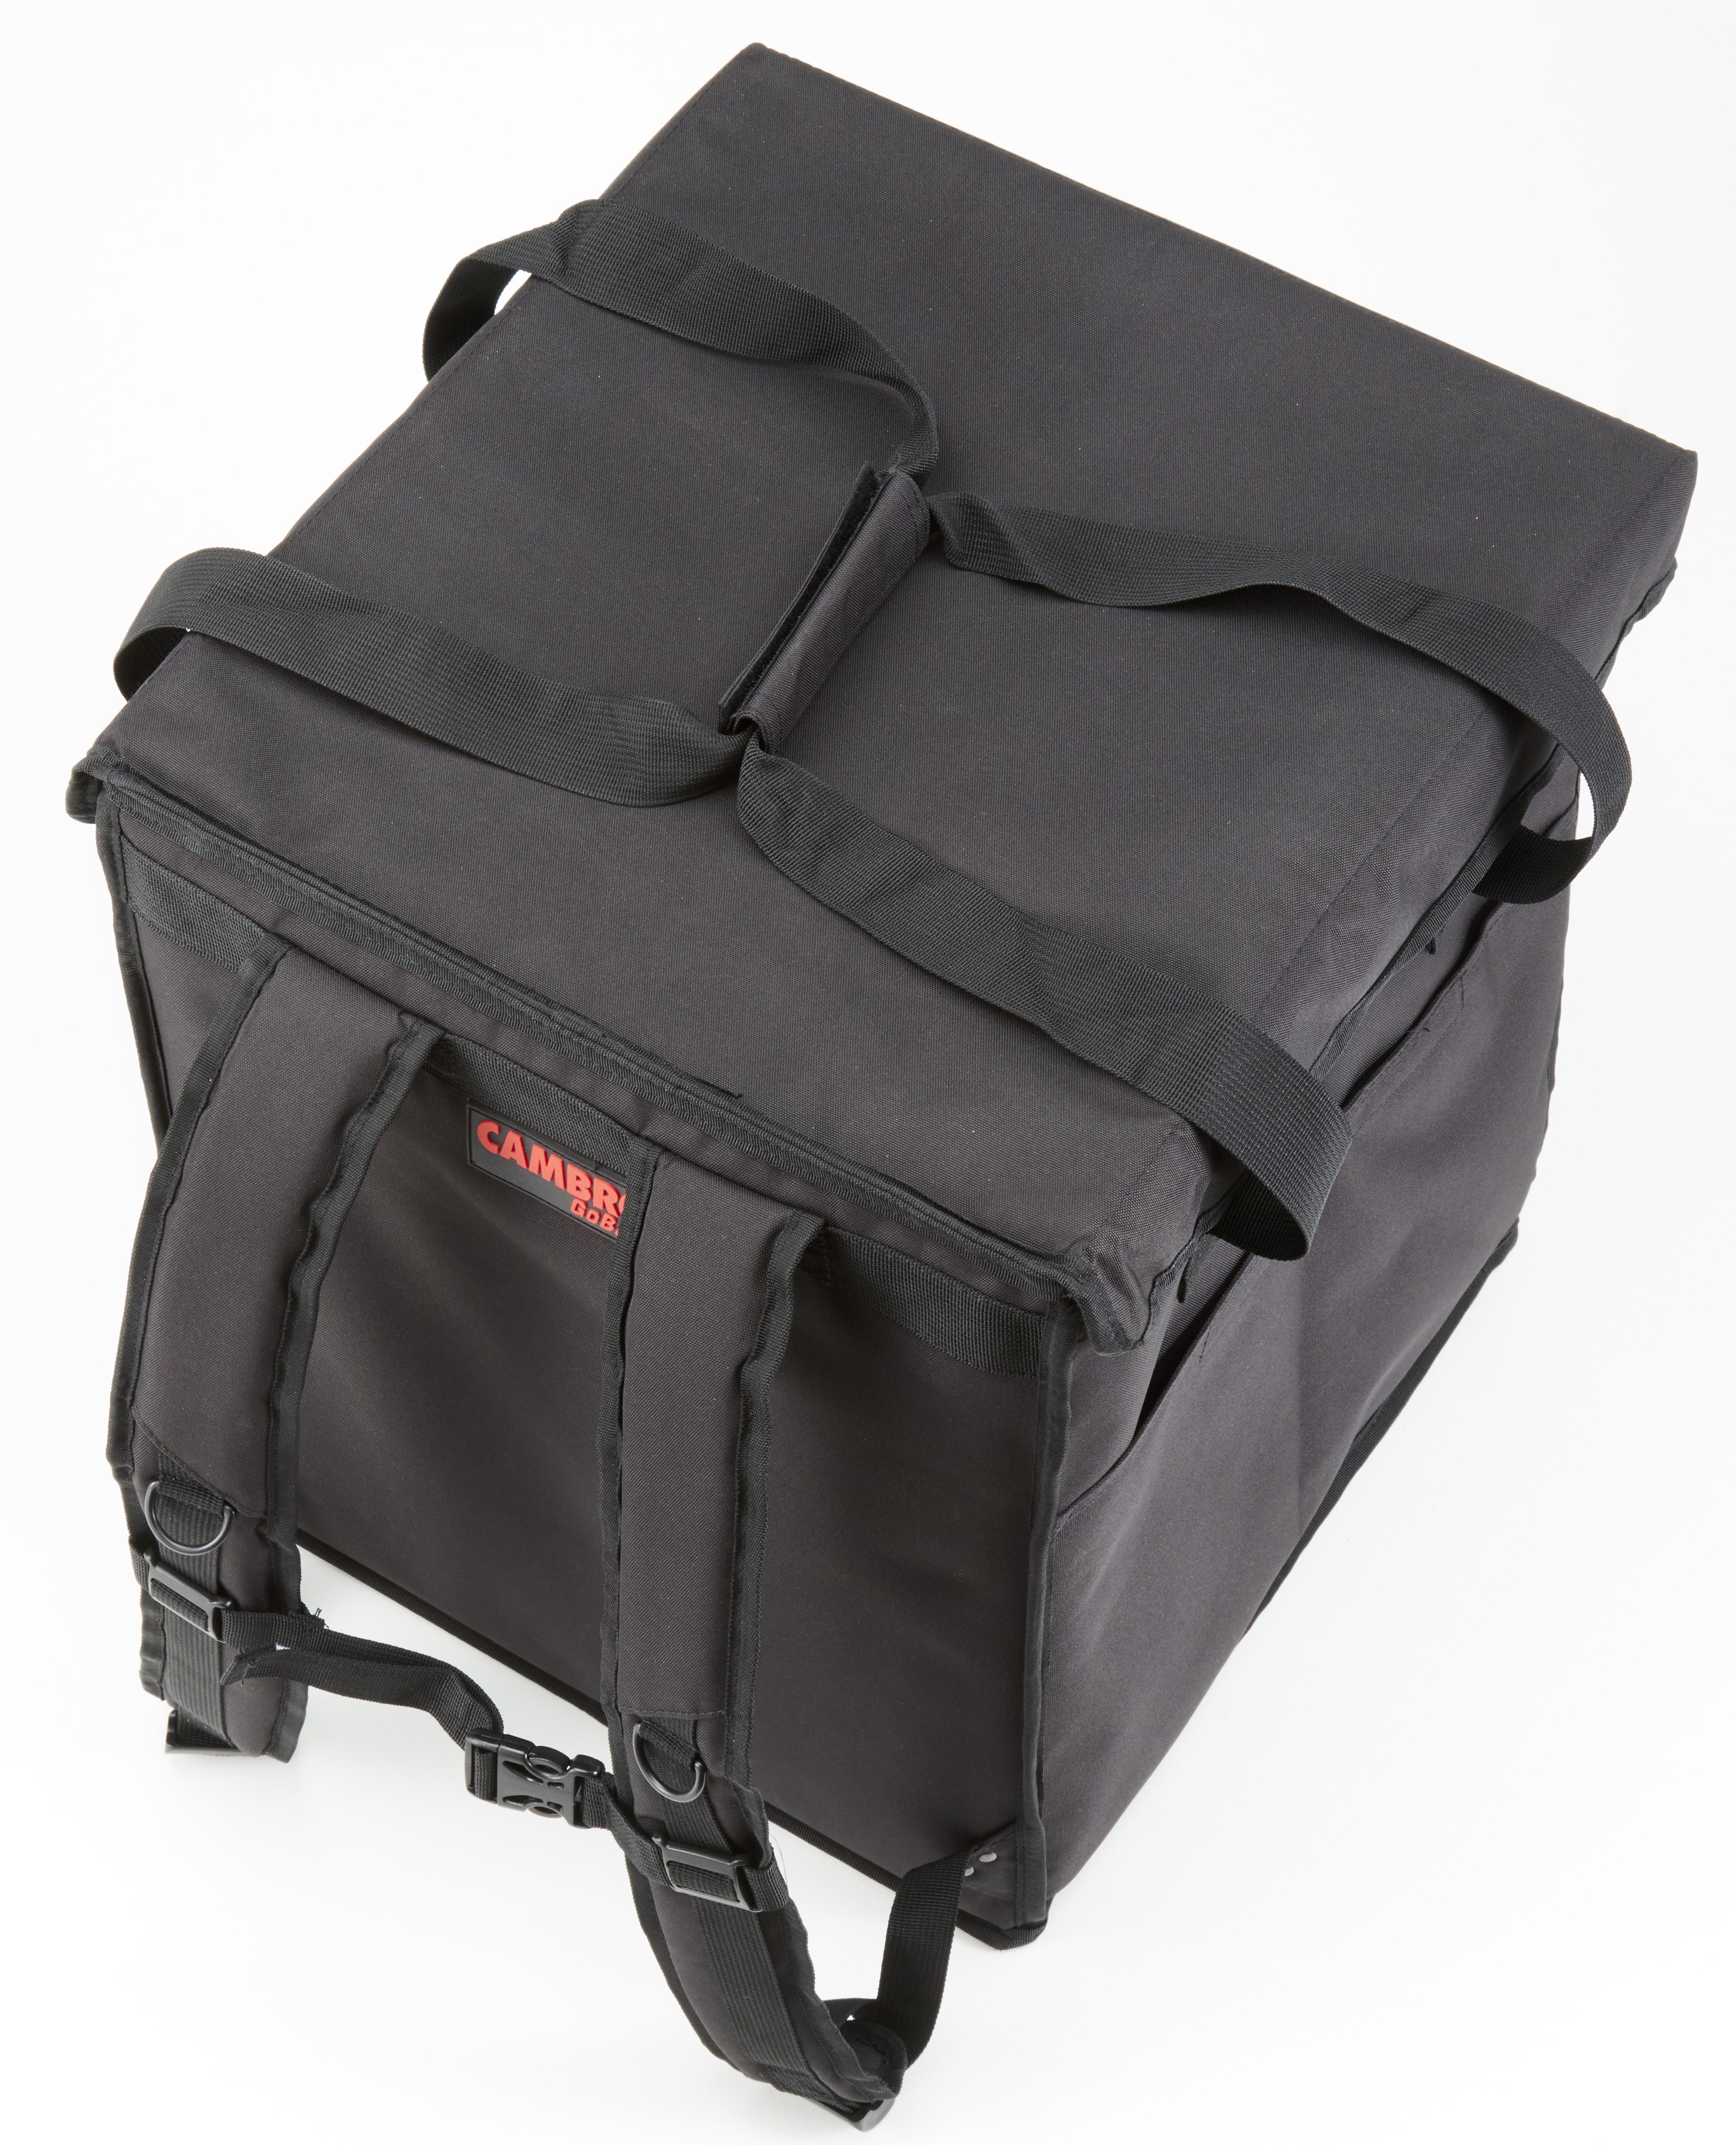 GBBP151417110 GoBag Large Delivery Backpack Black